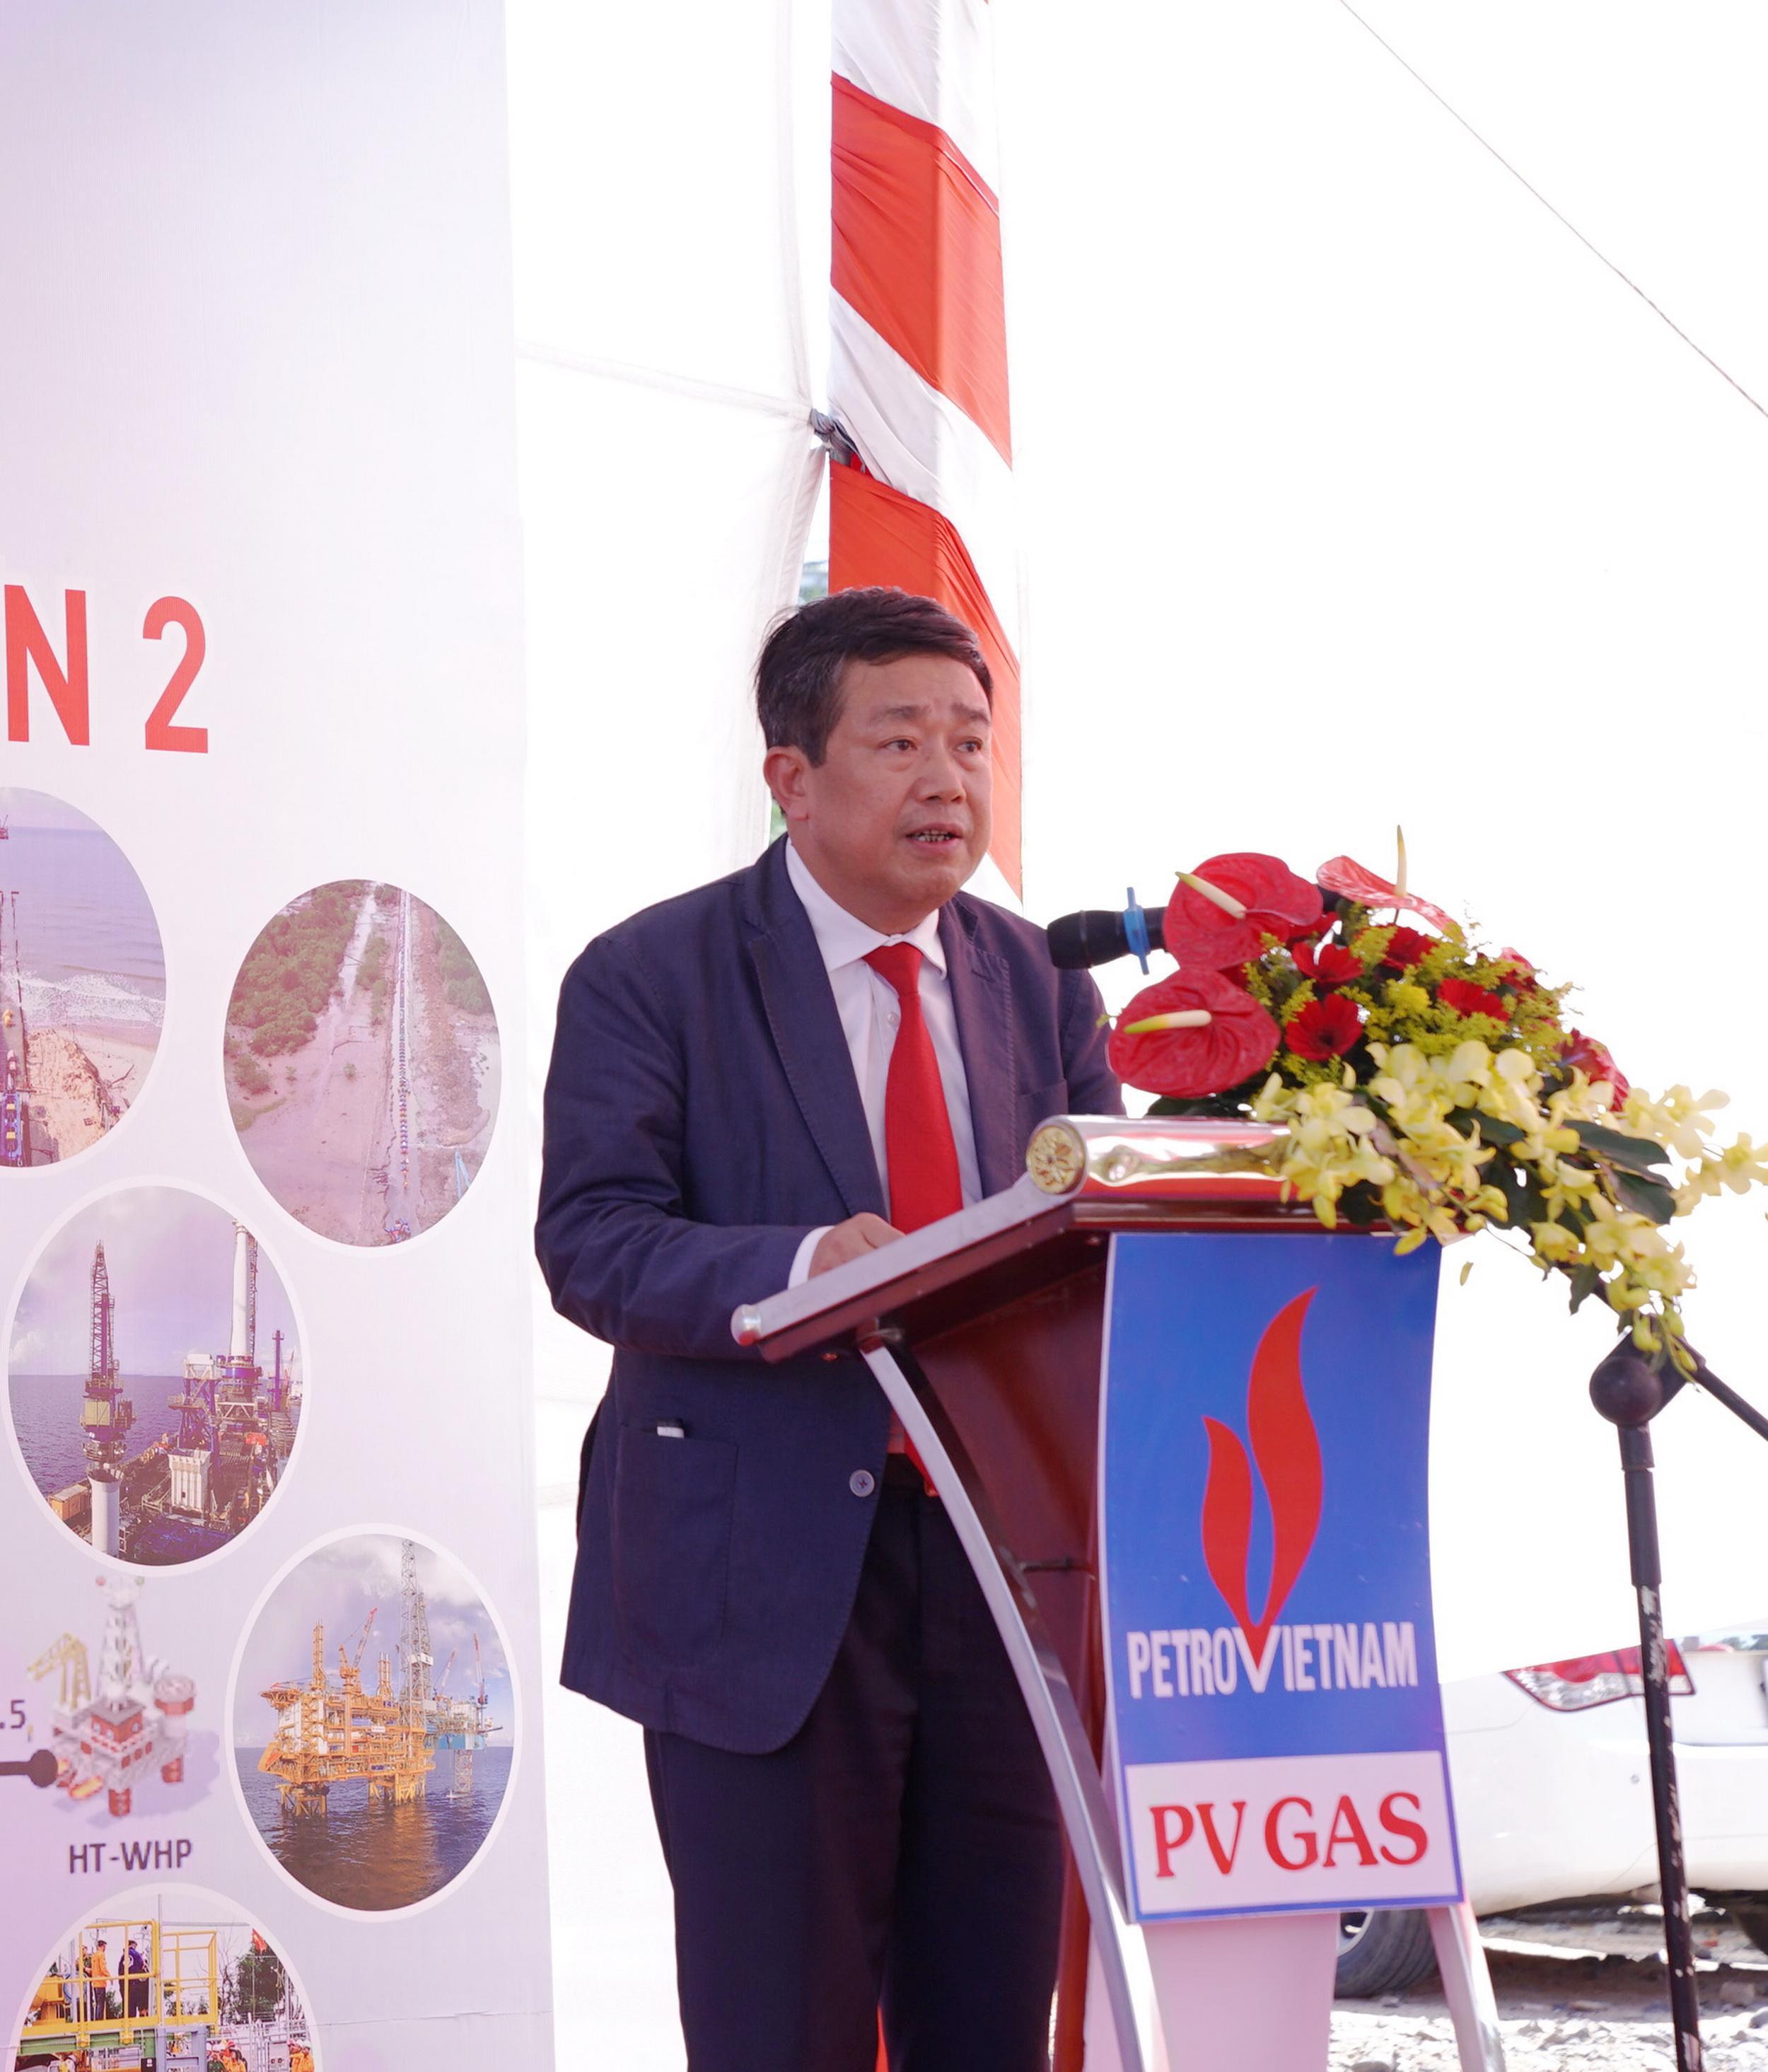 Phát biểu của ông Phạm Xuân Cảnh – Phó Bí thư Thường trực Đảng ủy, Thành viên Hội đồng thành viên PVN